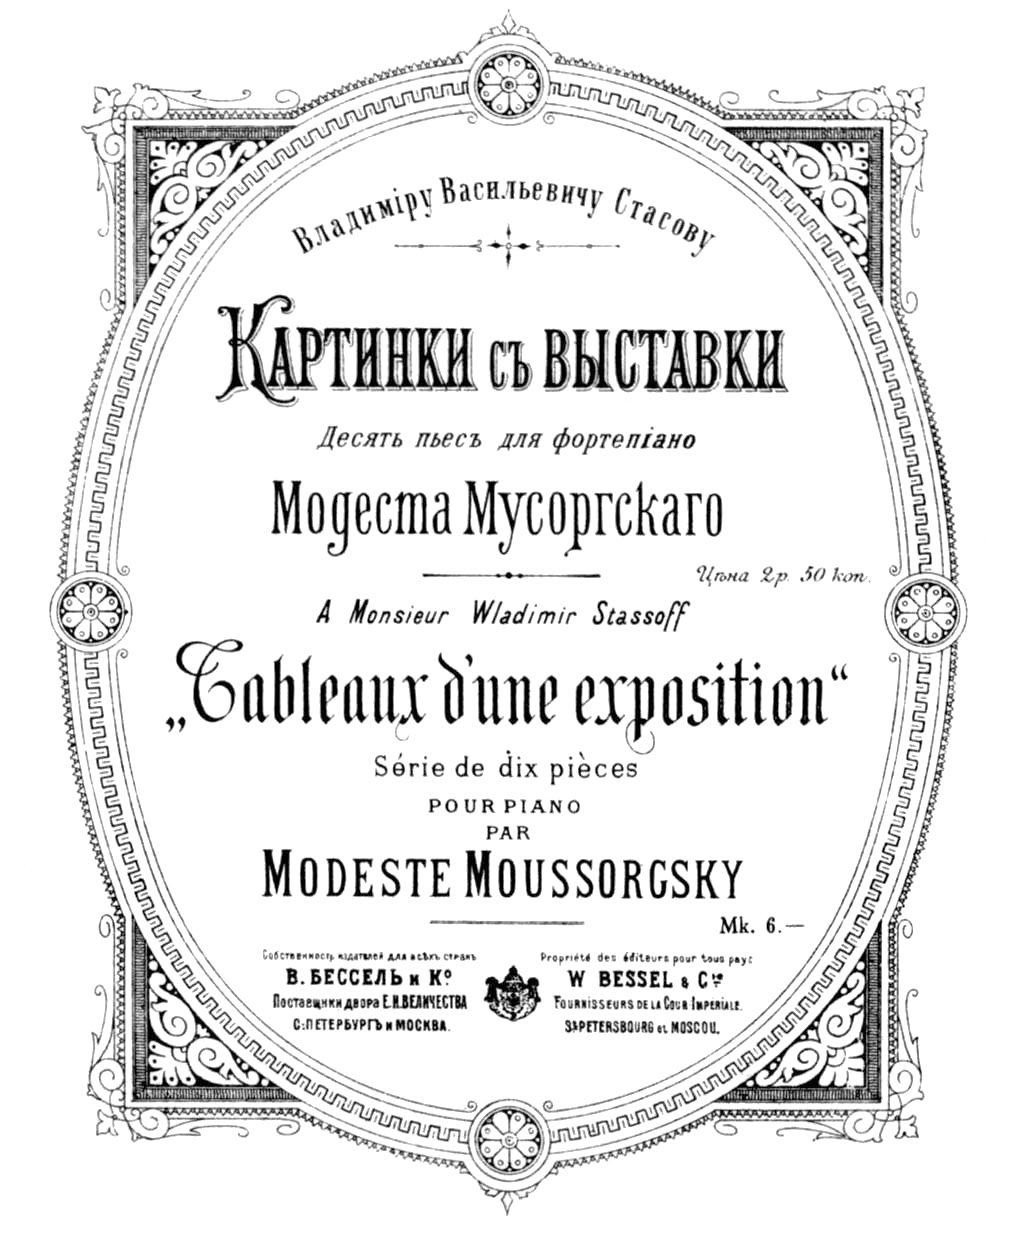 Bilder Einer Ausstellung Wikipedia